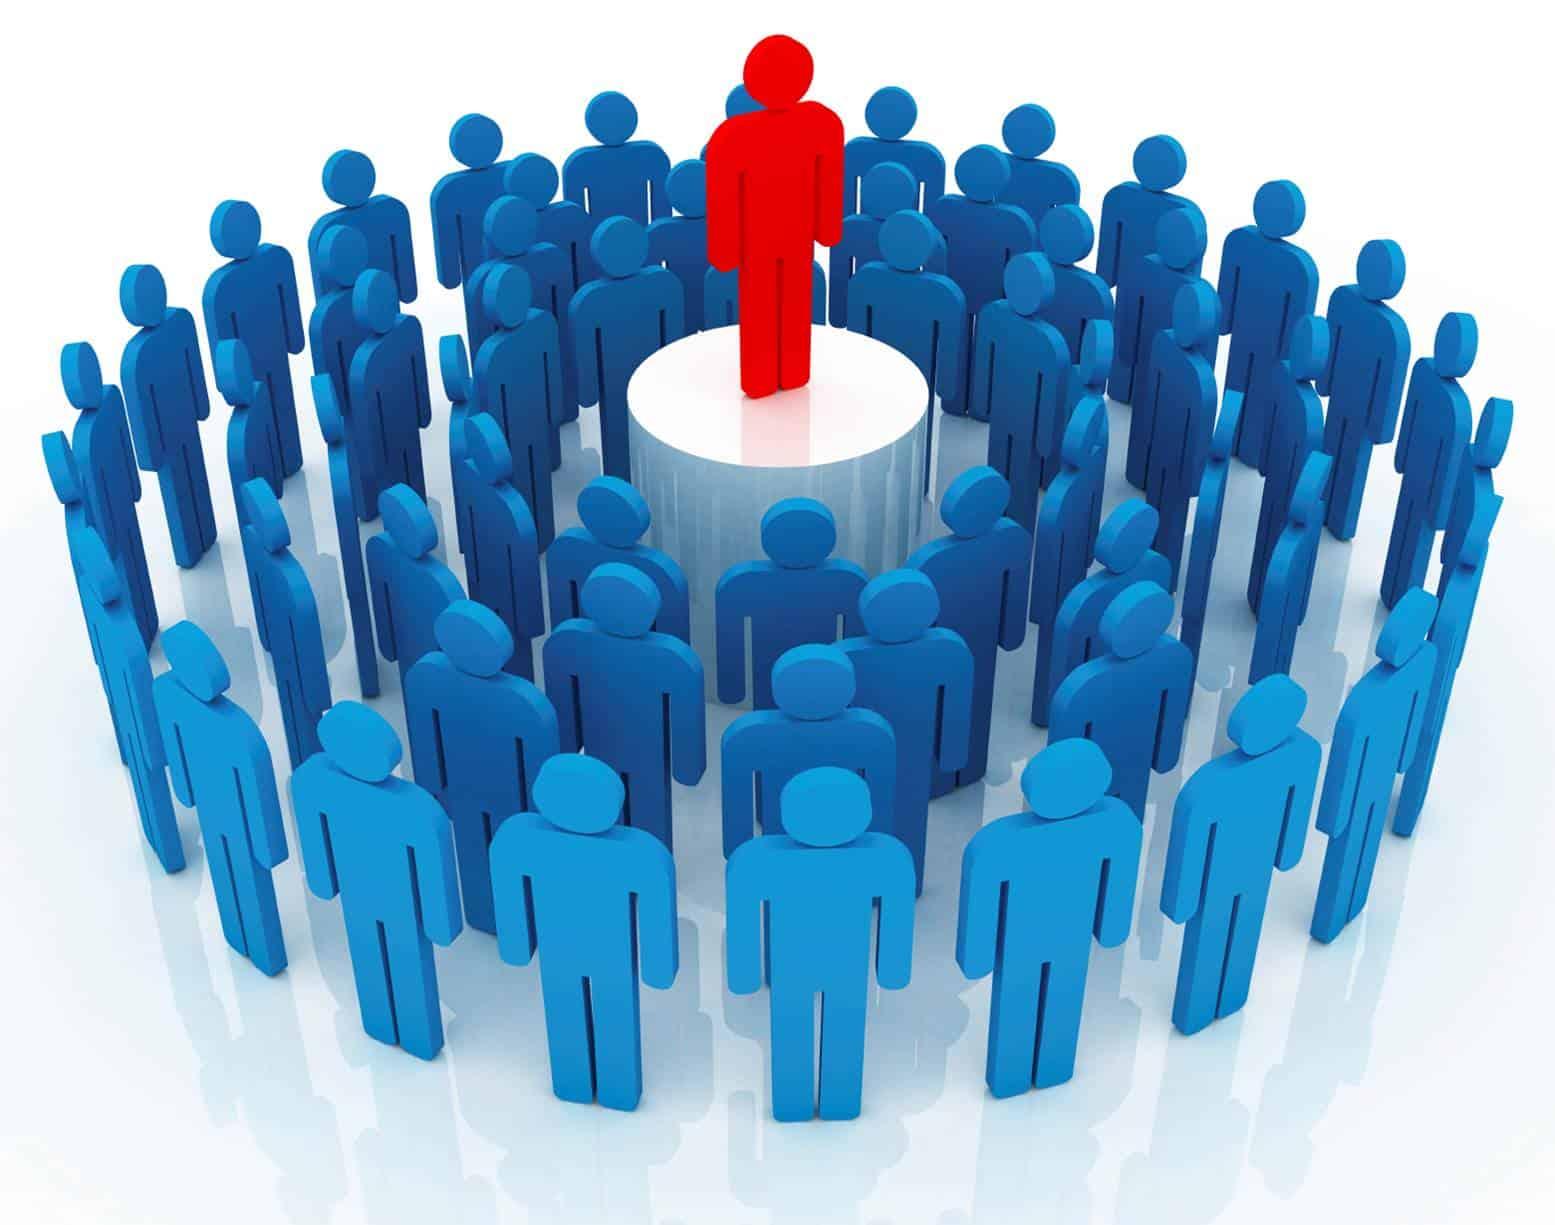 Rodada de Negócios: O que deve ser destacado nela?